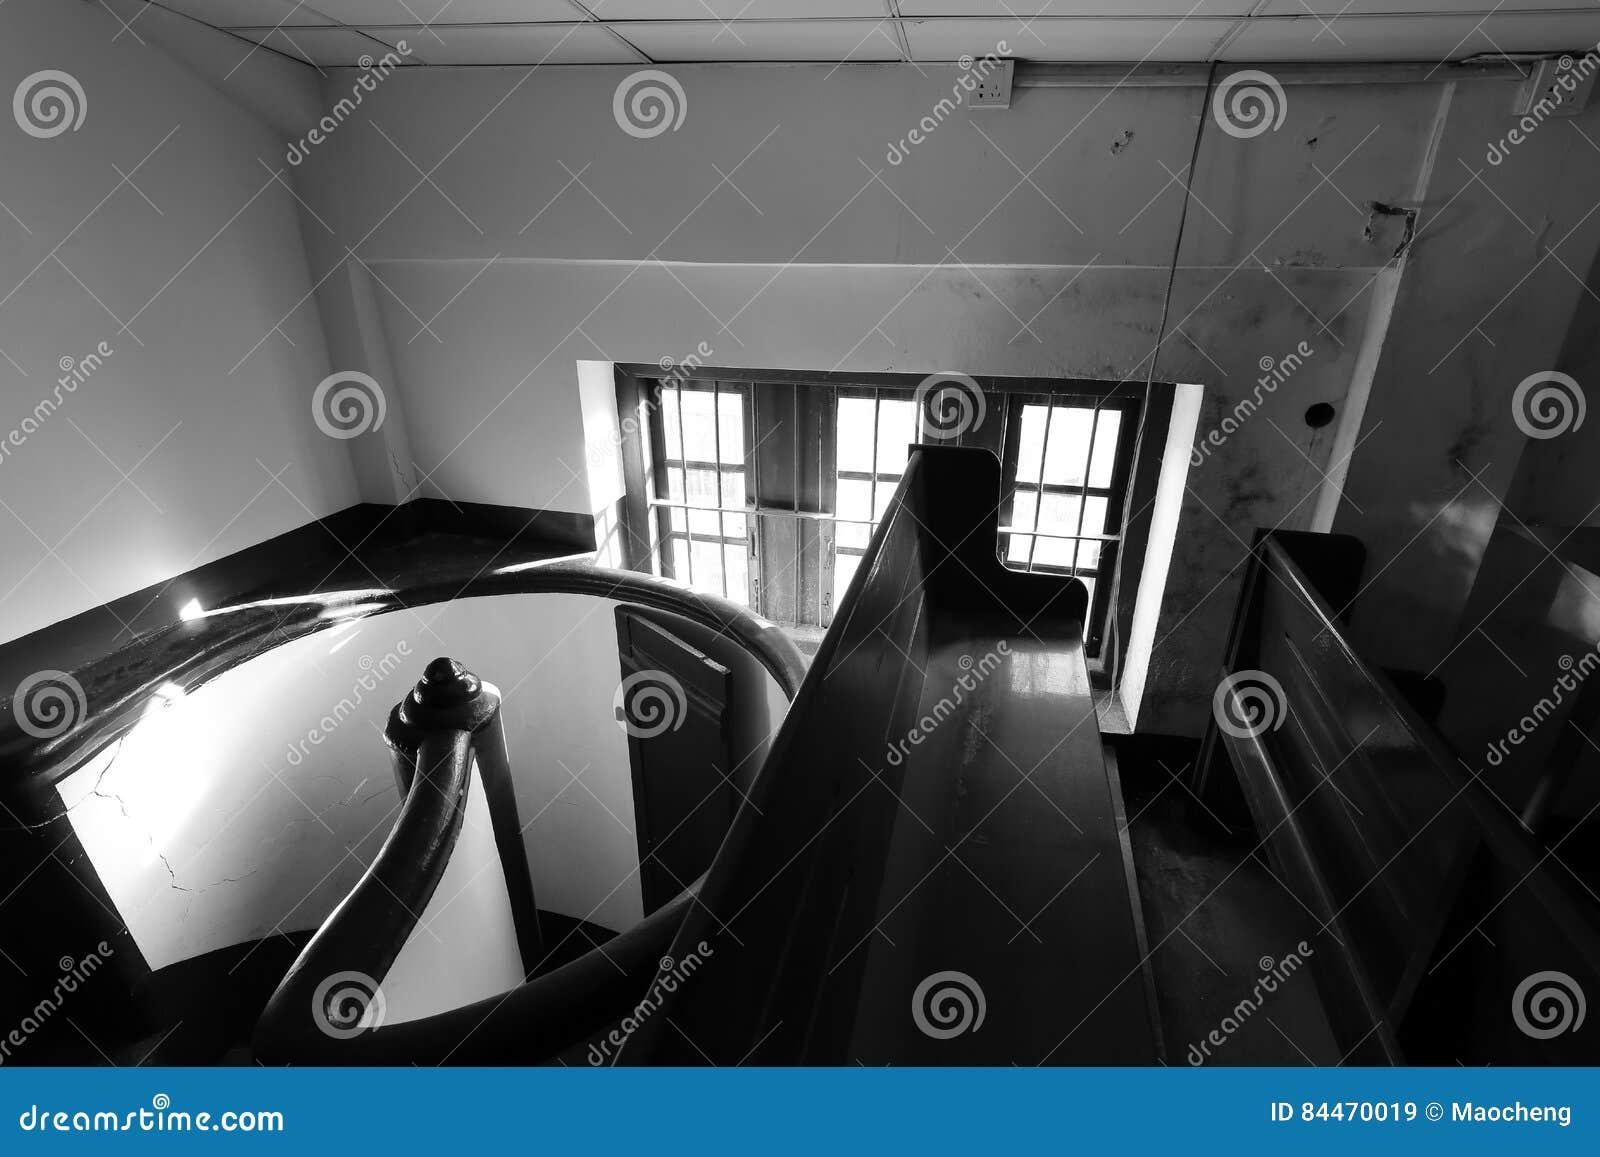 Pequeño ático del estilo europeo con imagen blanco y negro giratoria de las escaleras